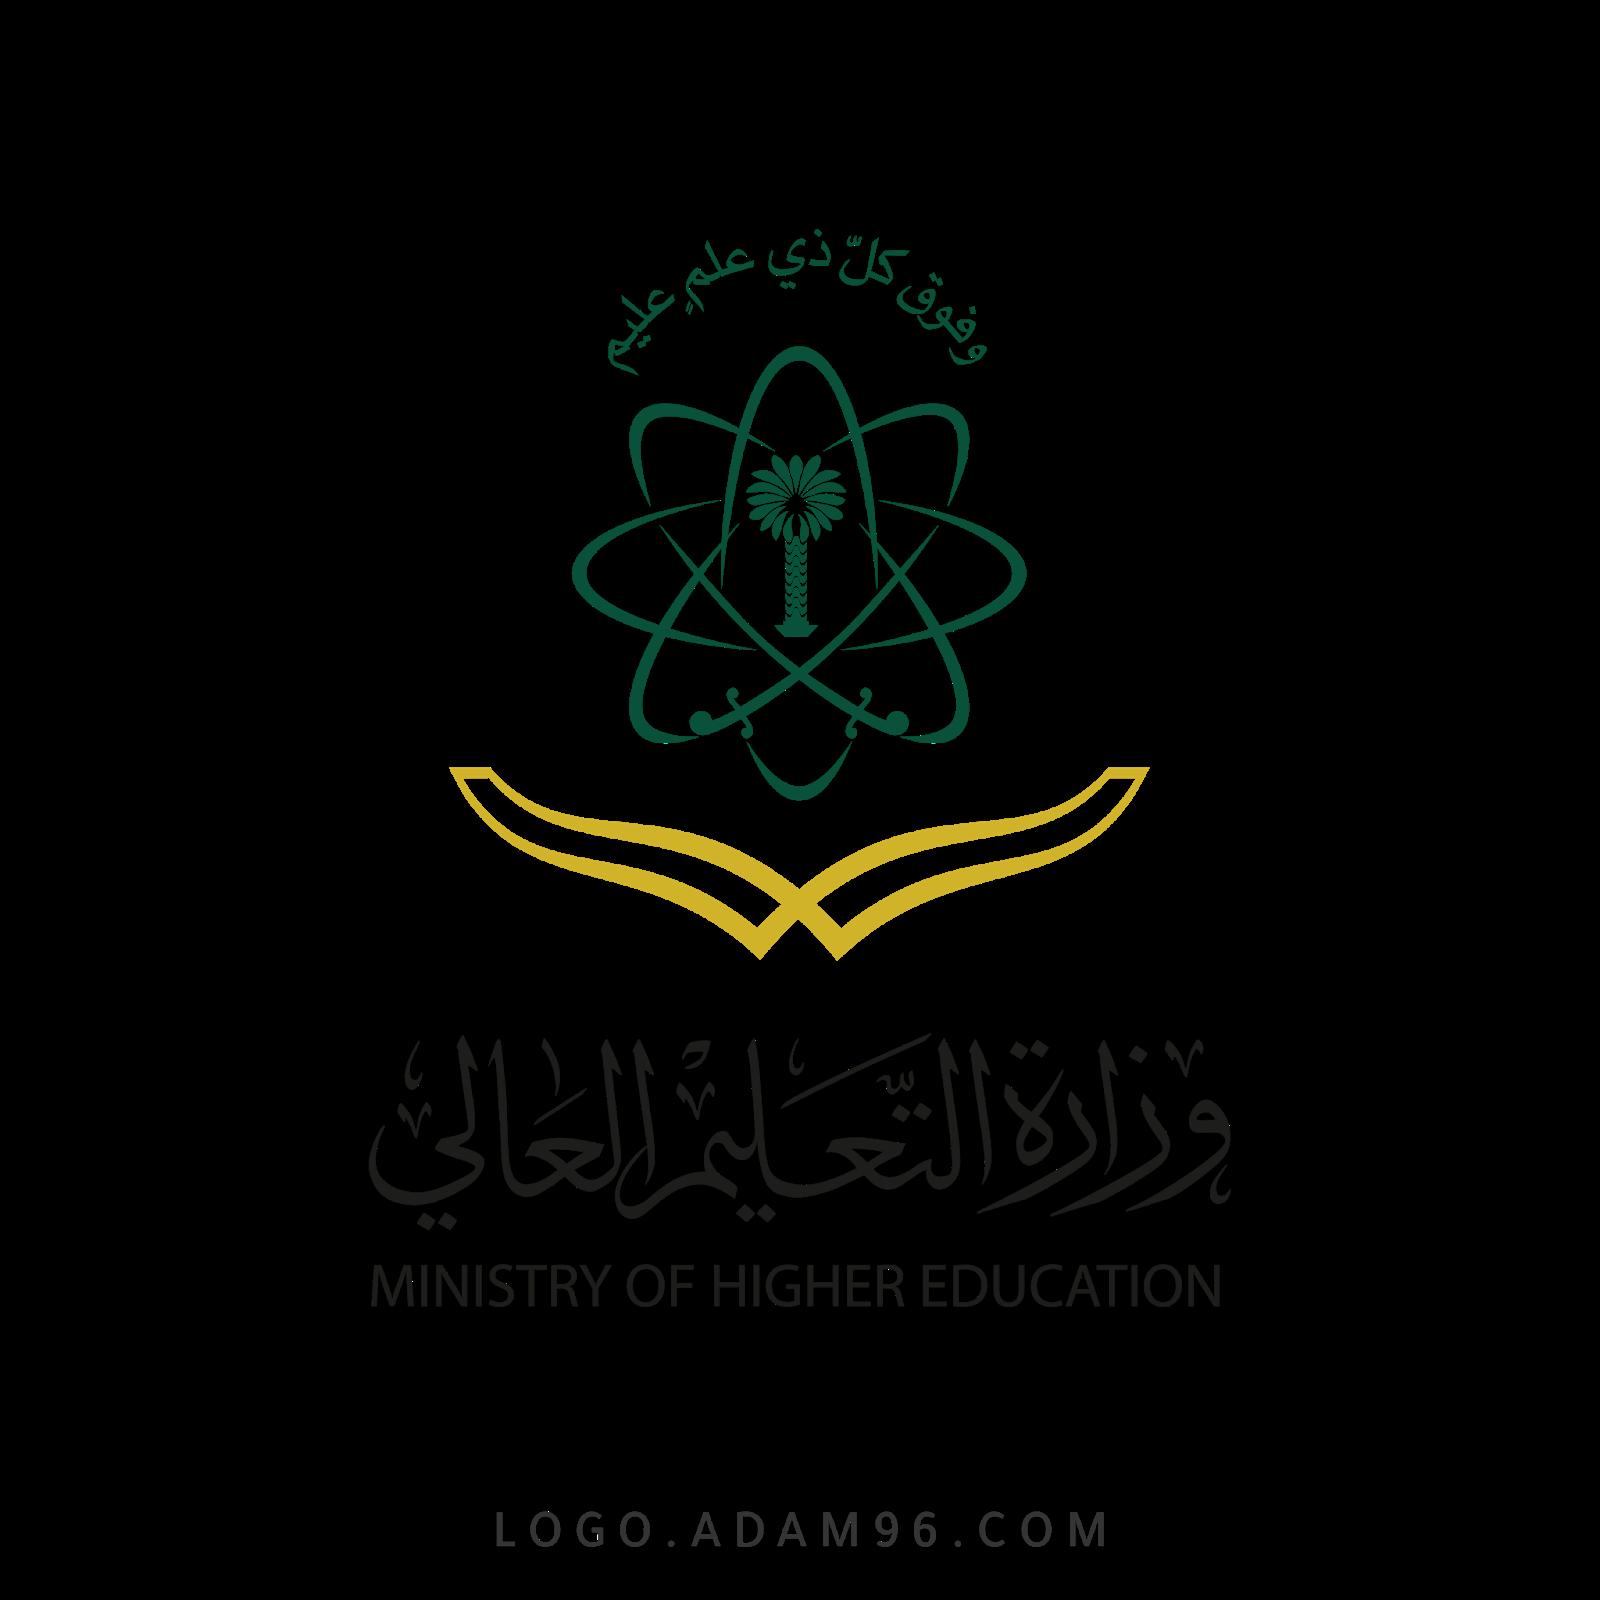 تحميل شعار وزارة التعليم العالي السعودية الاصلي بصيغة Png شعارات وزارات السعودية